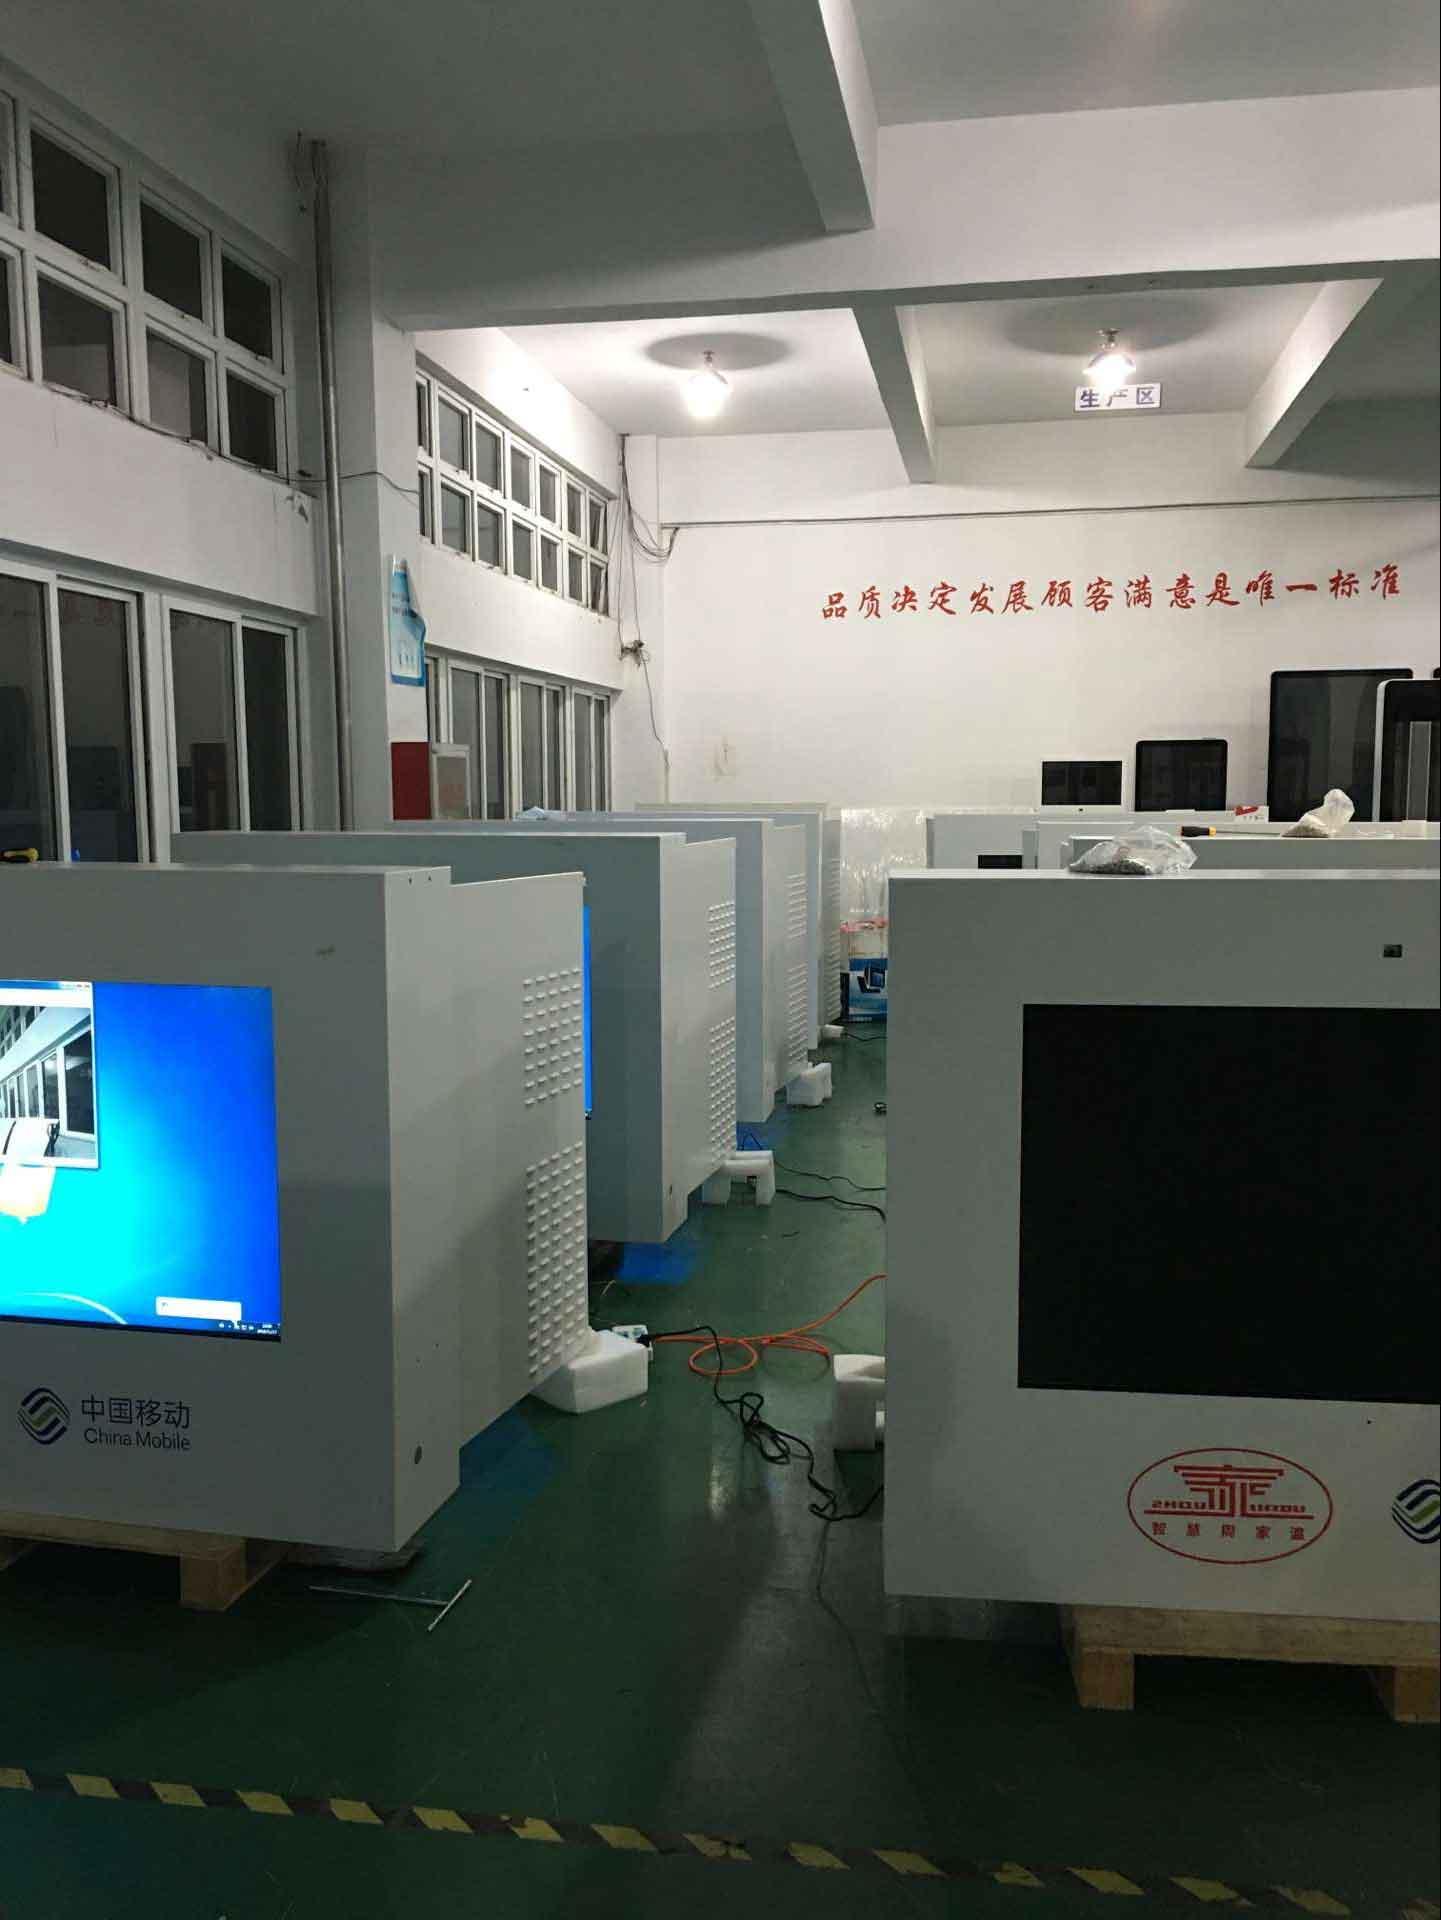 中国移动--55寸户外触控一体机